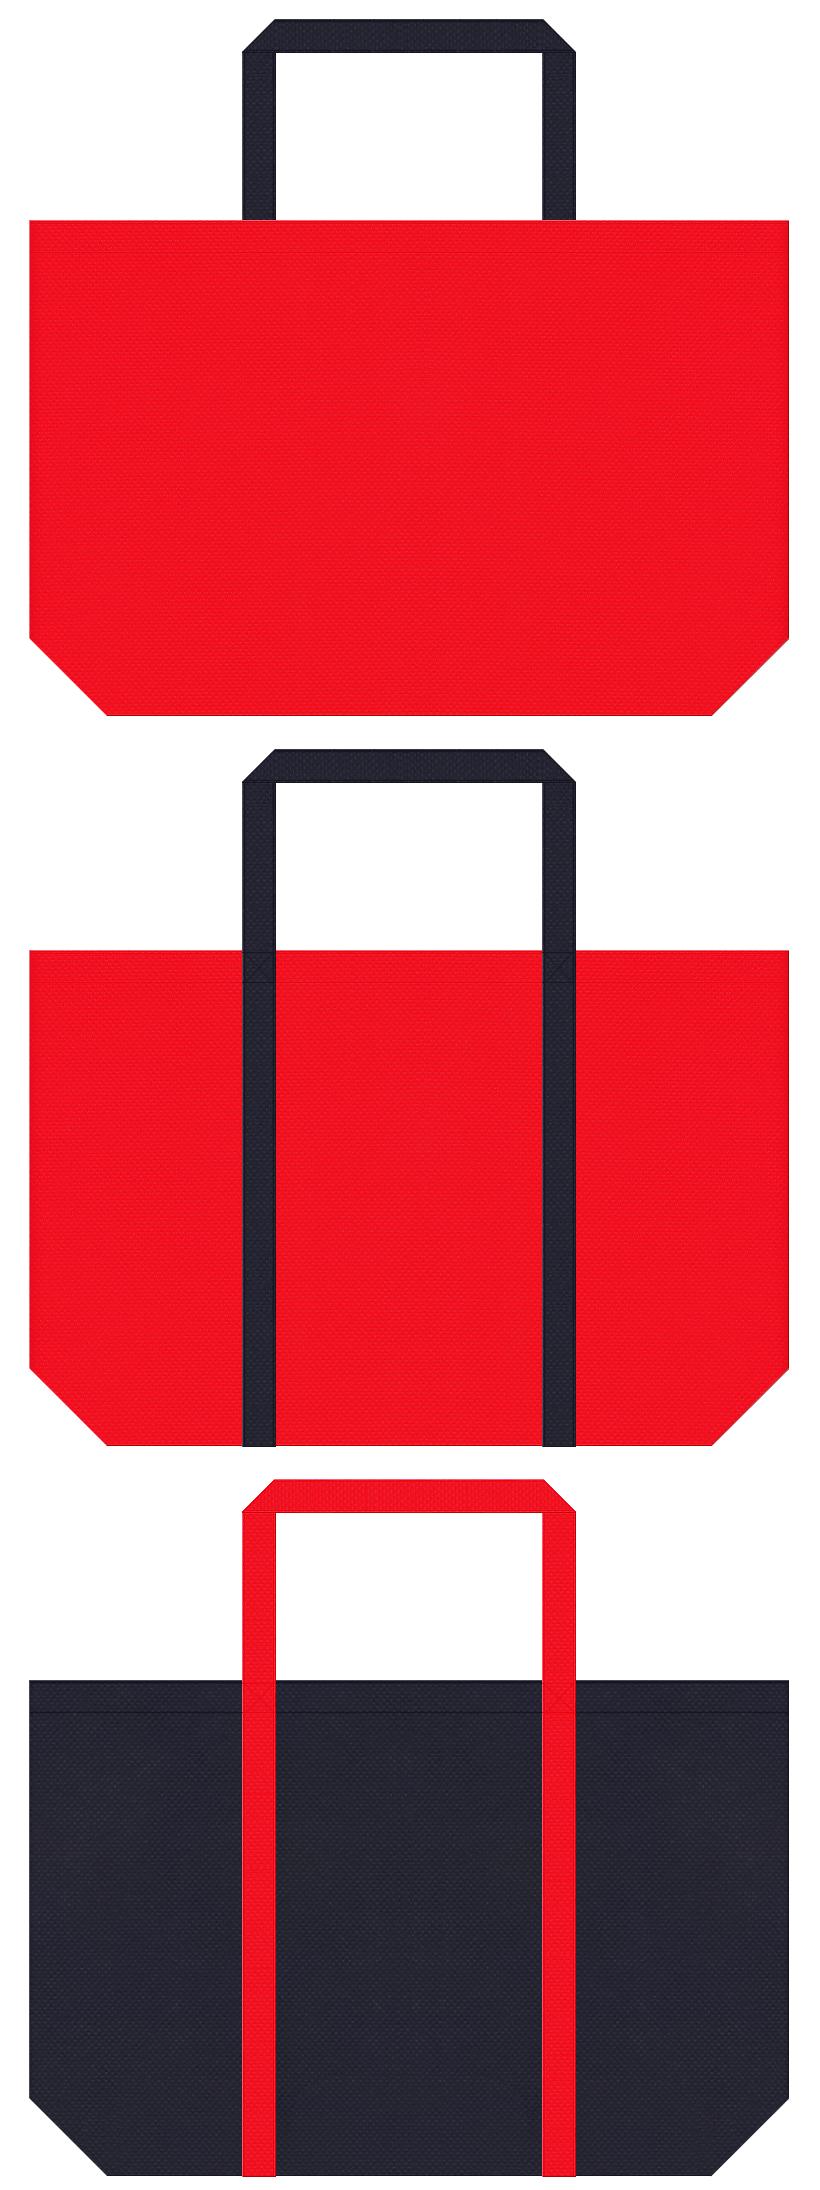 スポーツバッグにお奨めの不織布バッグデザイン:赤色と濃紺色のコーデ